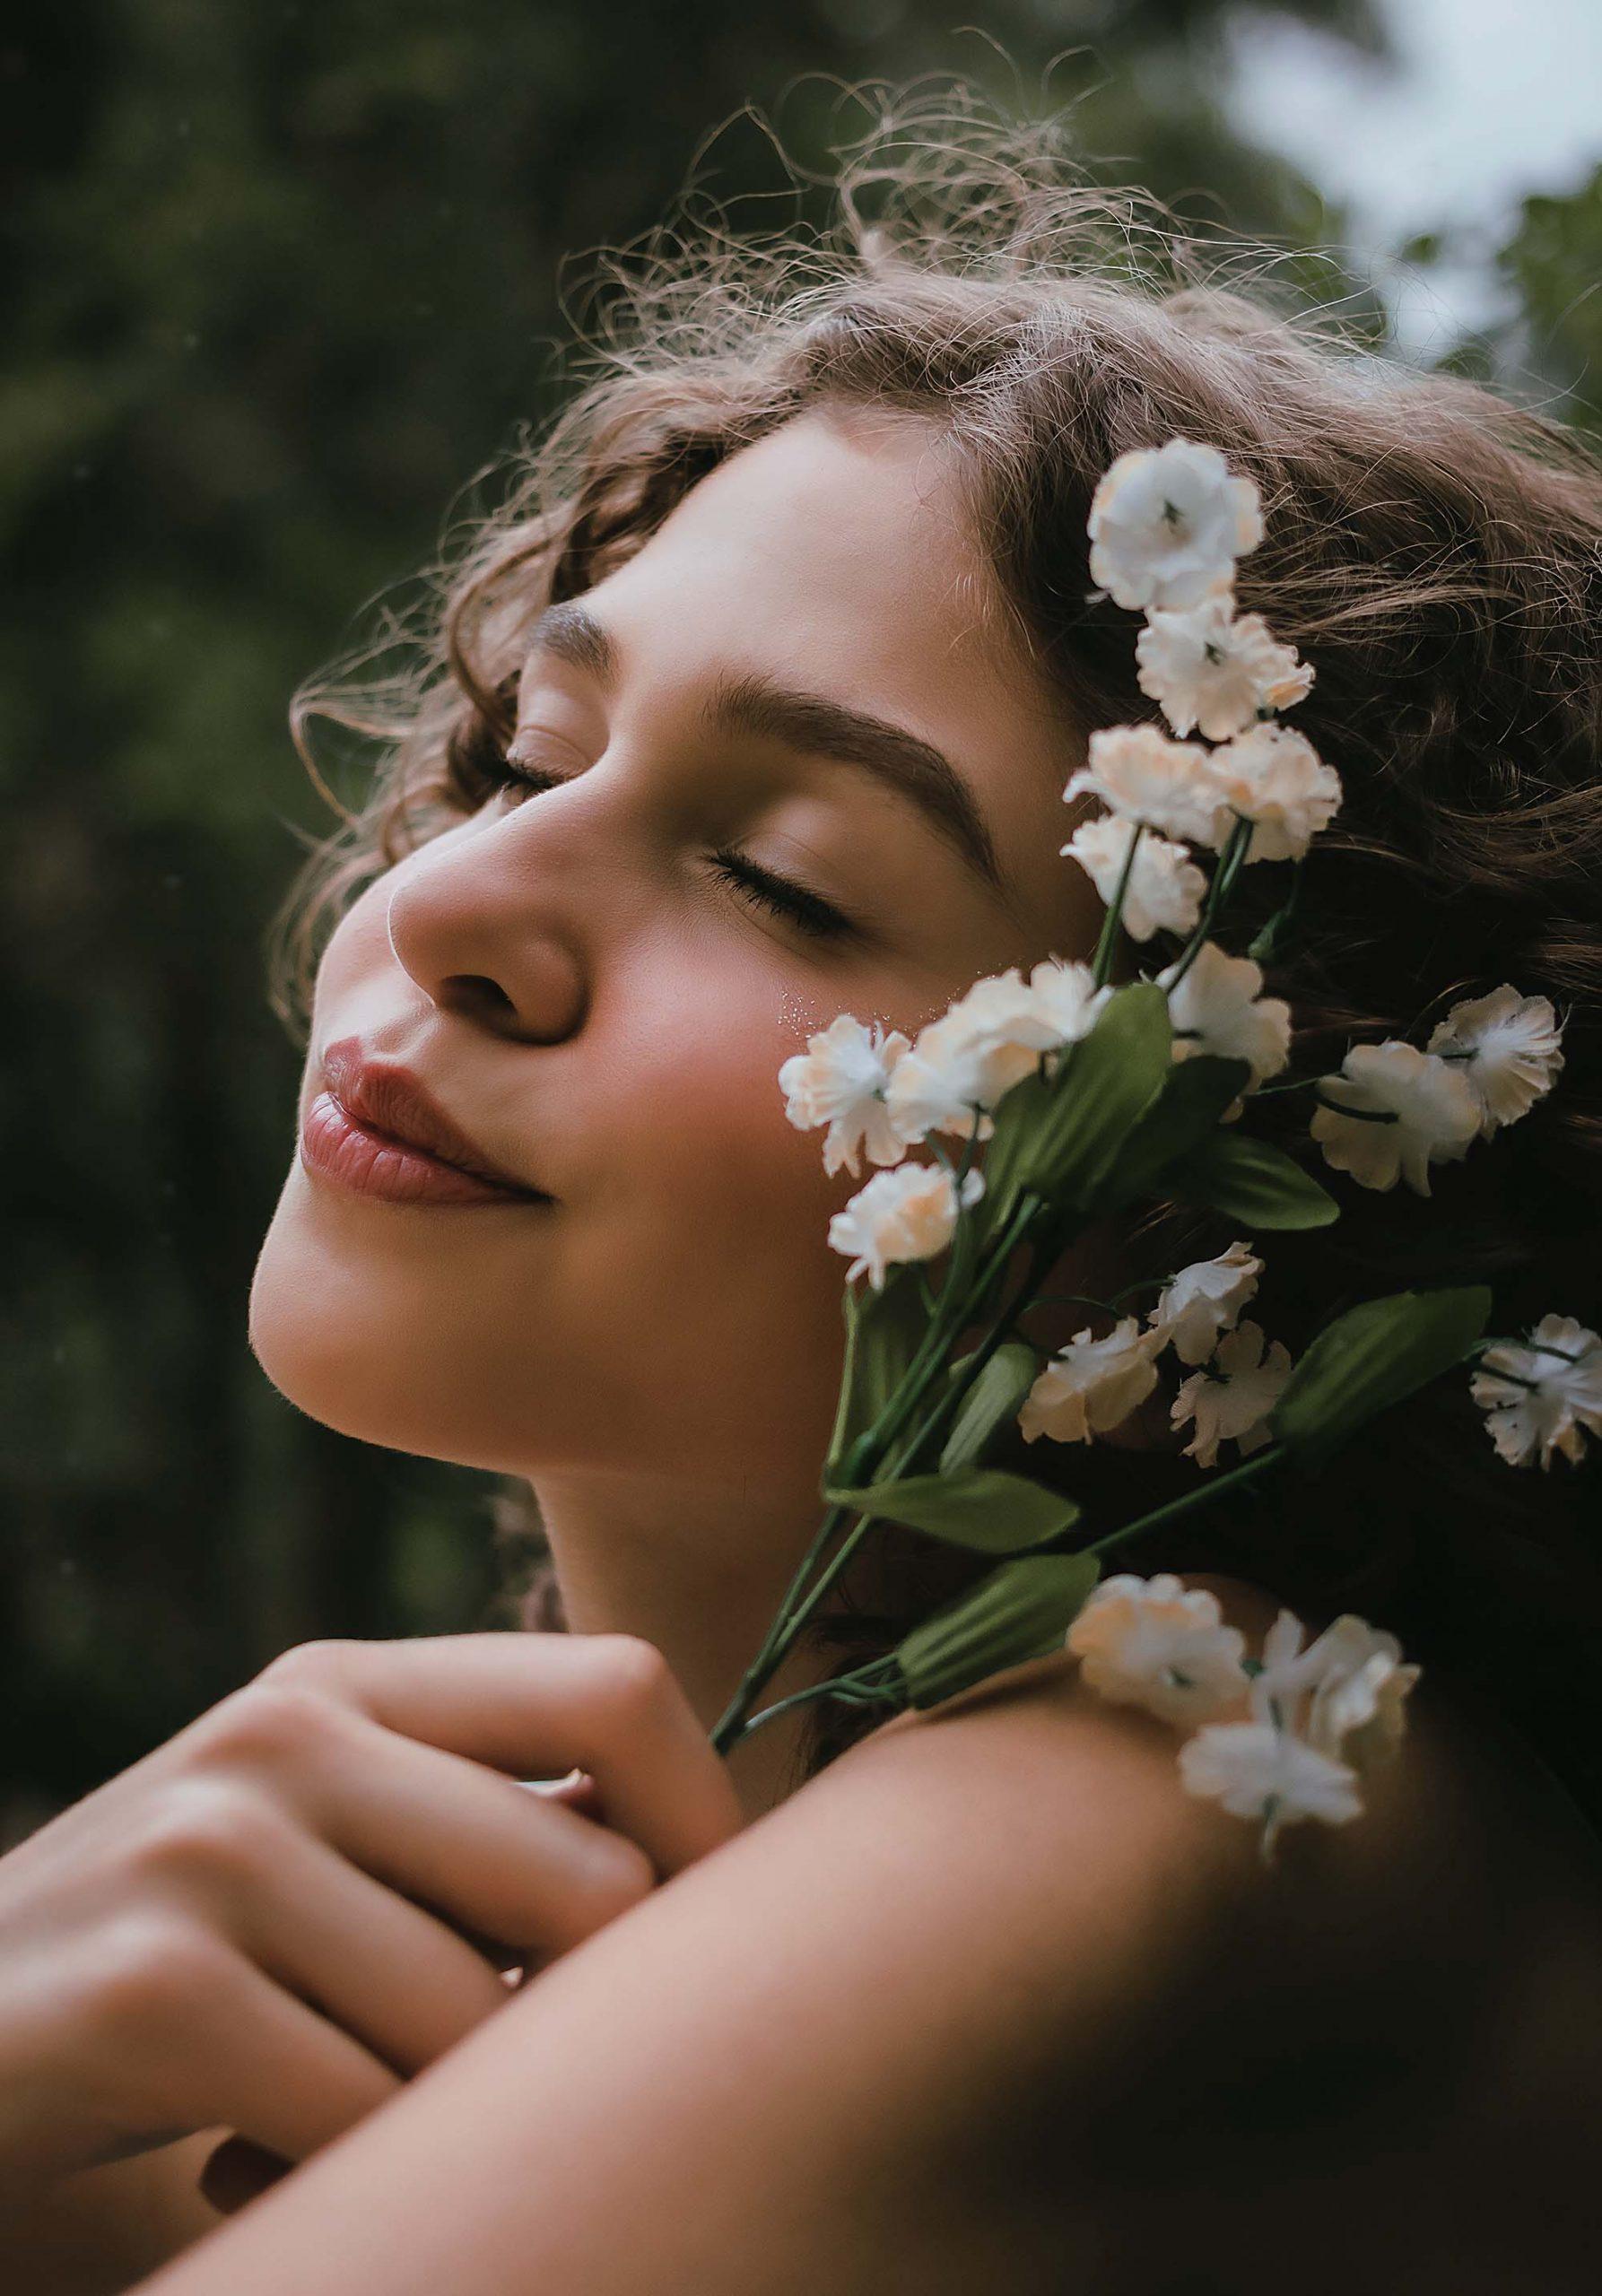 Cô gái hướng nội biết cách tận hưởng sự độc thân của mình